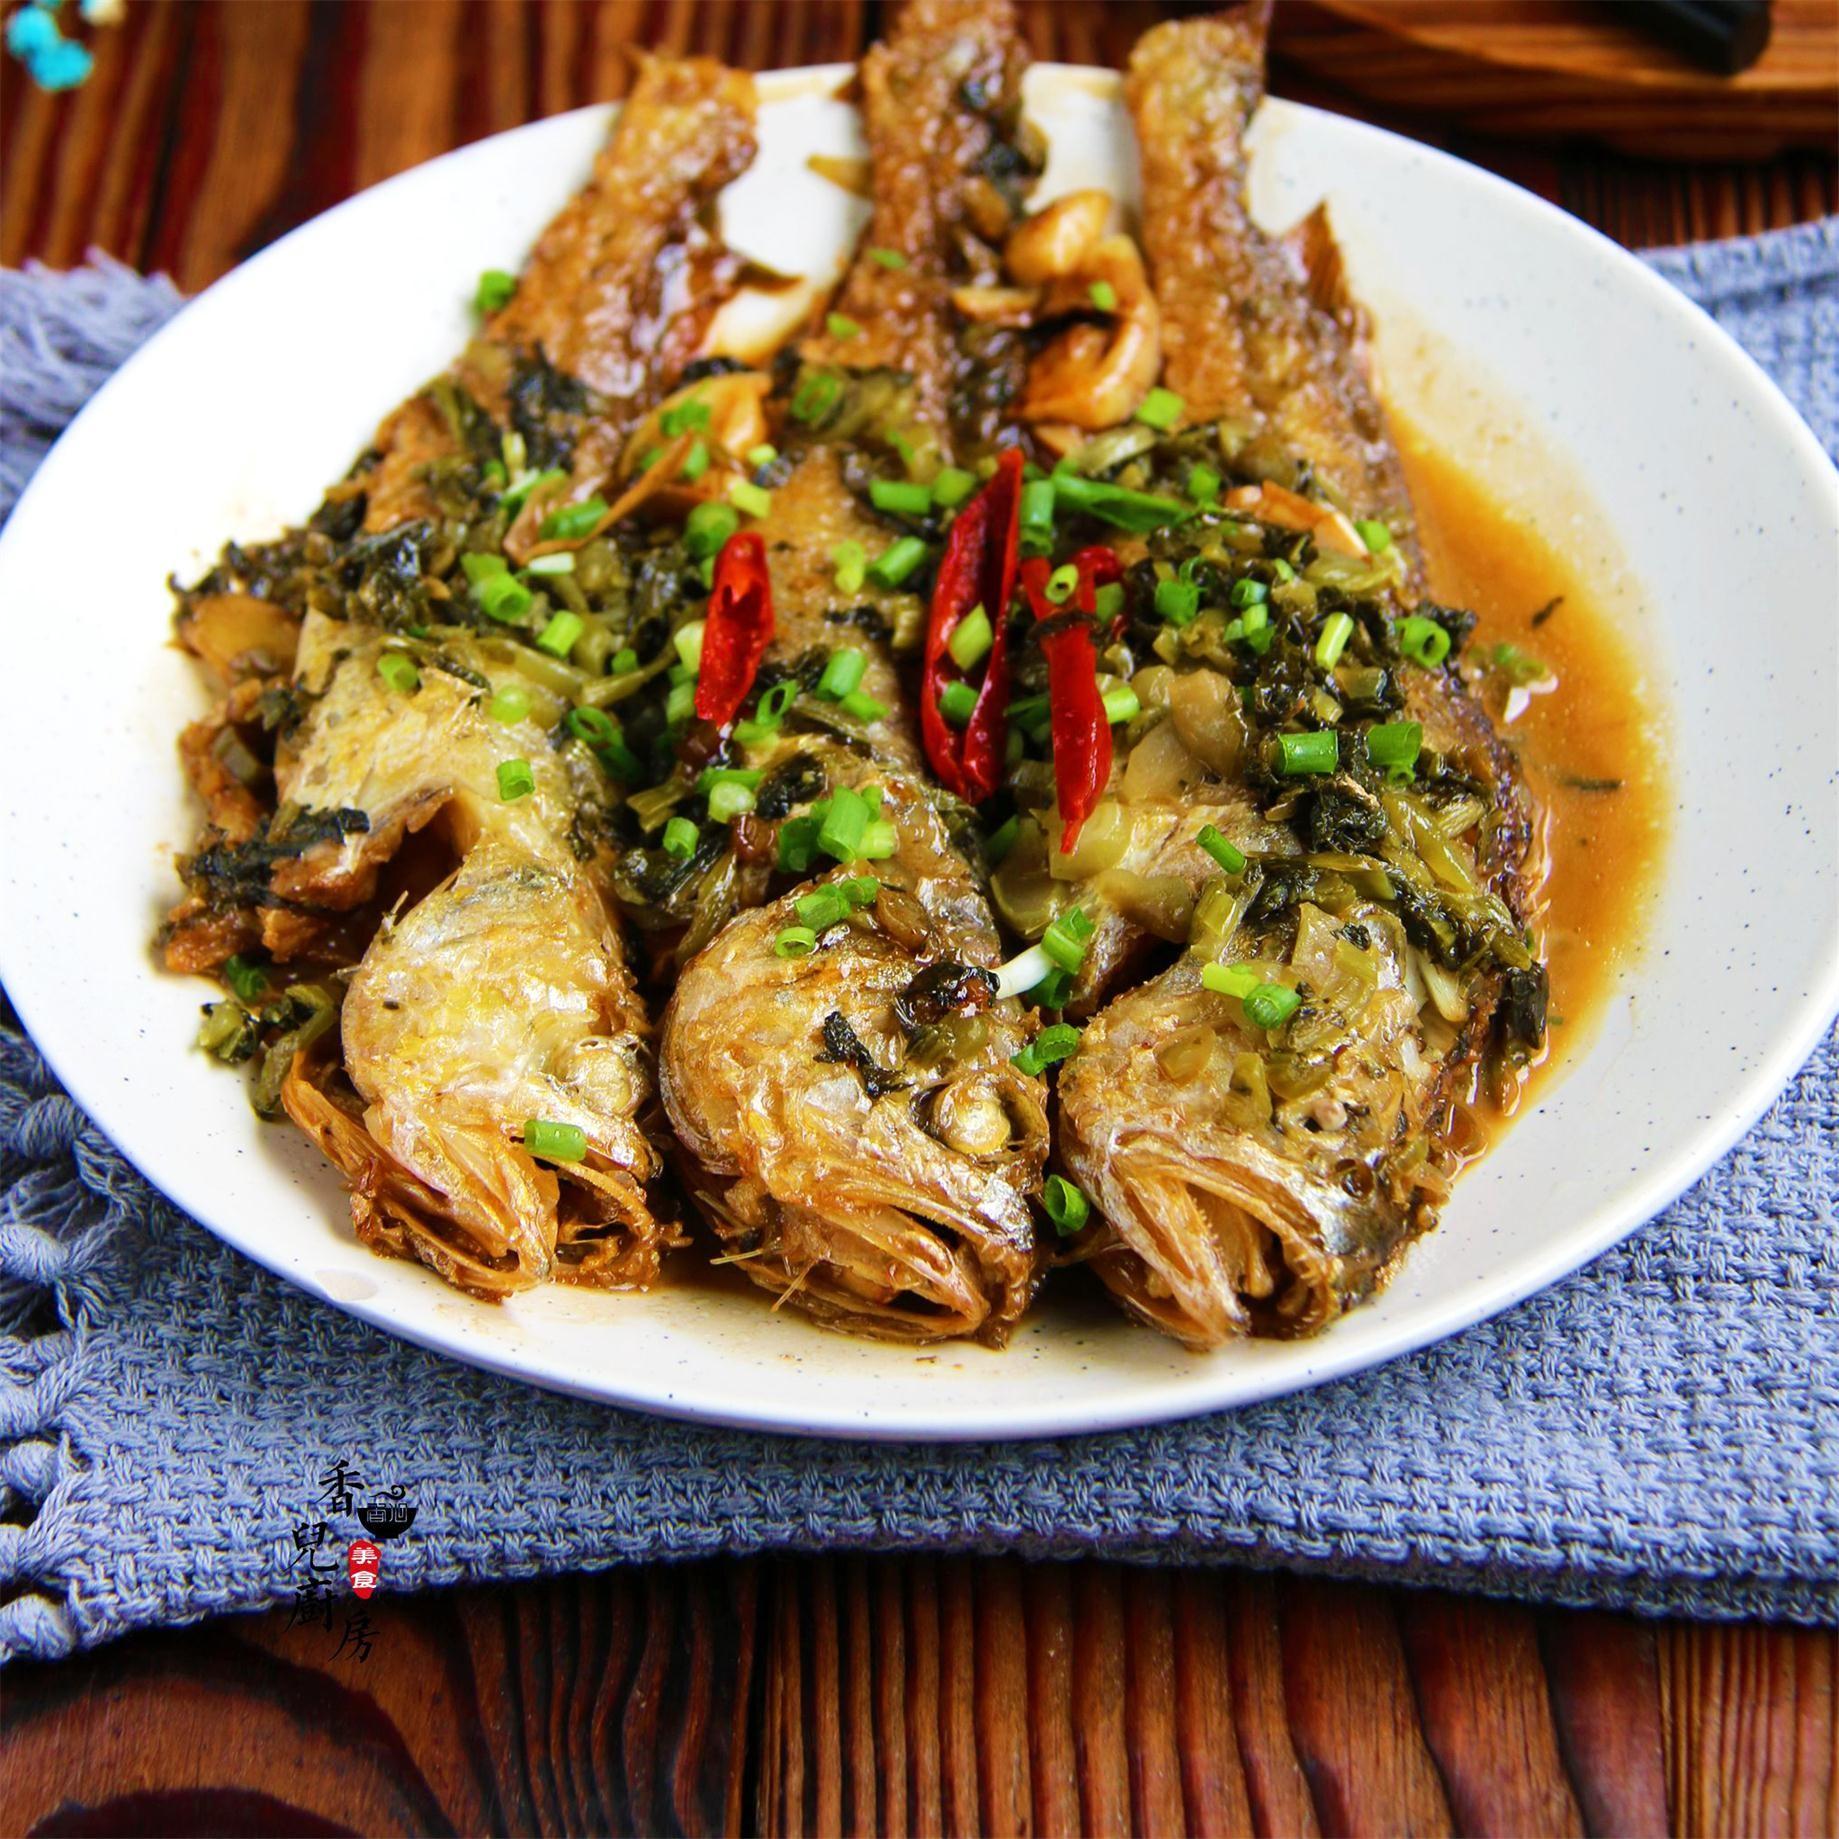 美味|雪菜烧小黄鱼